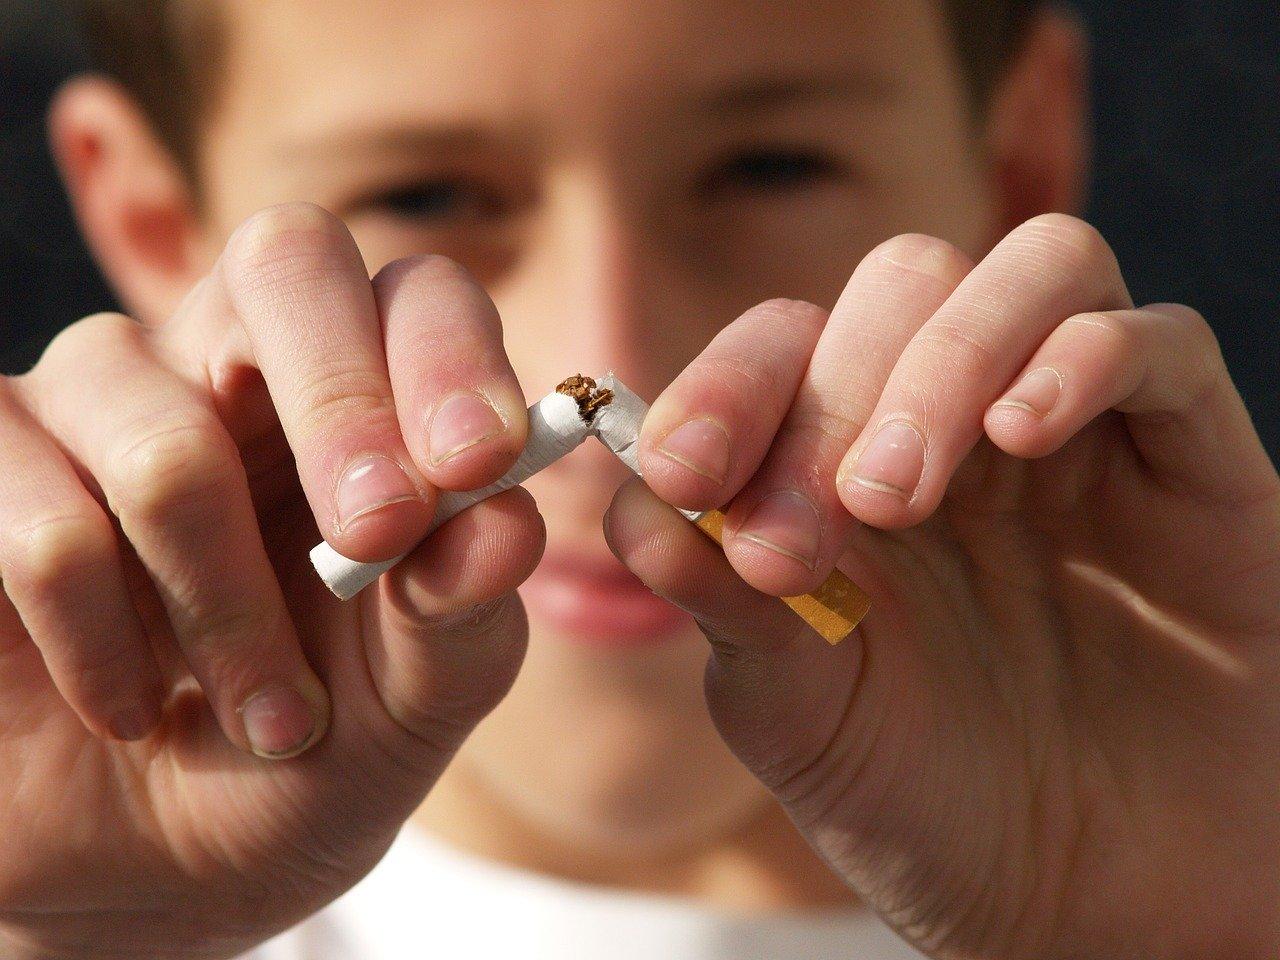 Hogyan lehet leszokni a gyermek dohányzásáról